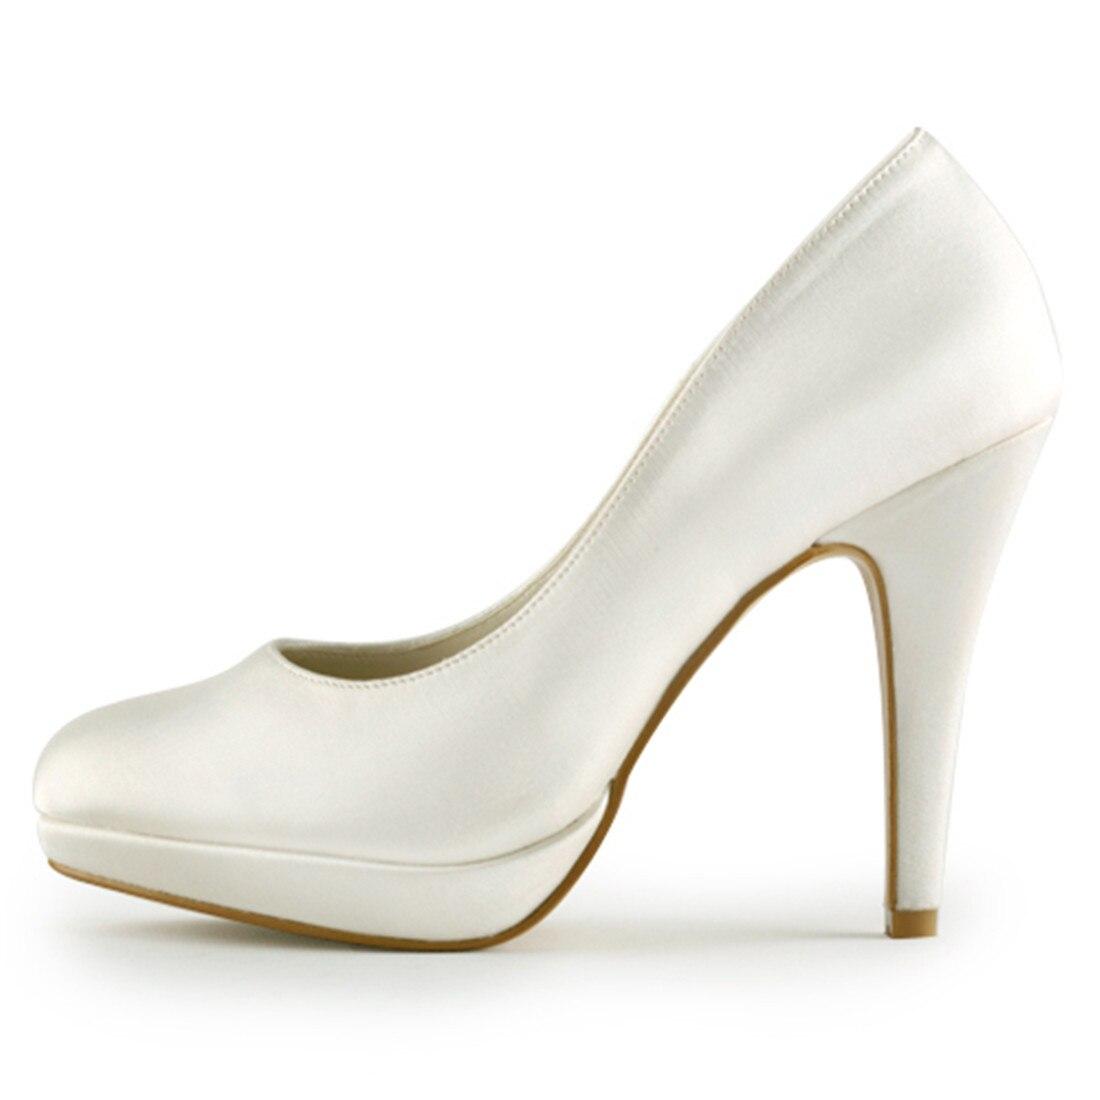 Elegante Dünne High Heels Braut Brautjungfer Elfenbein Weiß Champagner Plattform Pumpen Luxus Satin Hochzeit Schuhe Uninnova 521 1 LY - 2